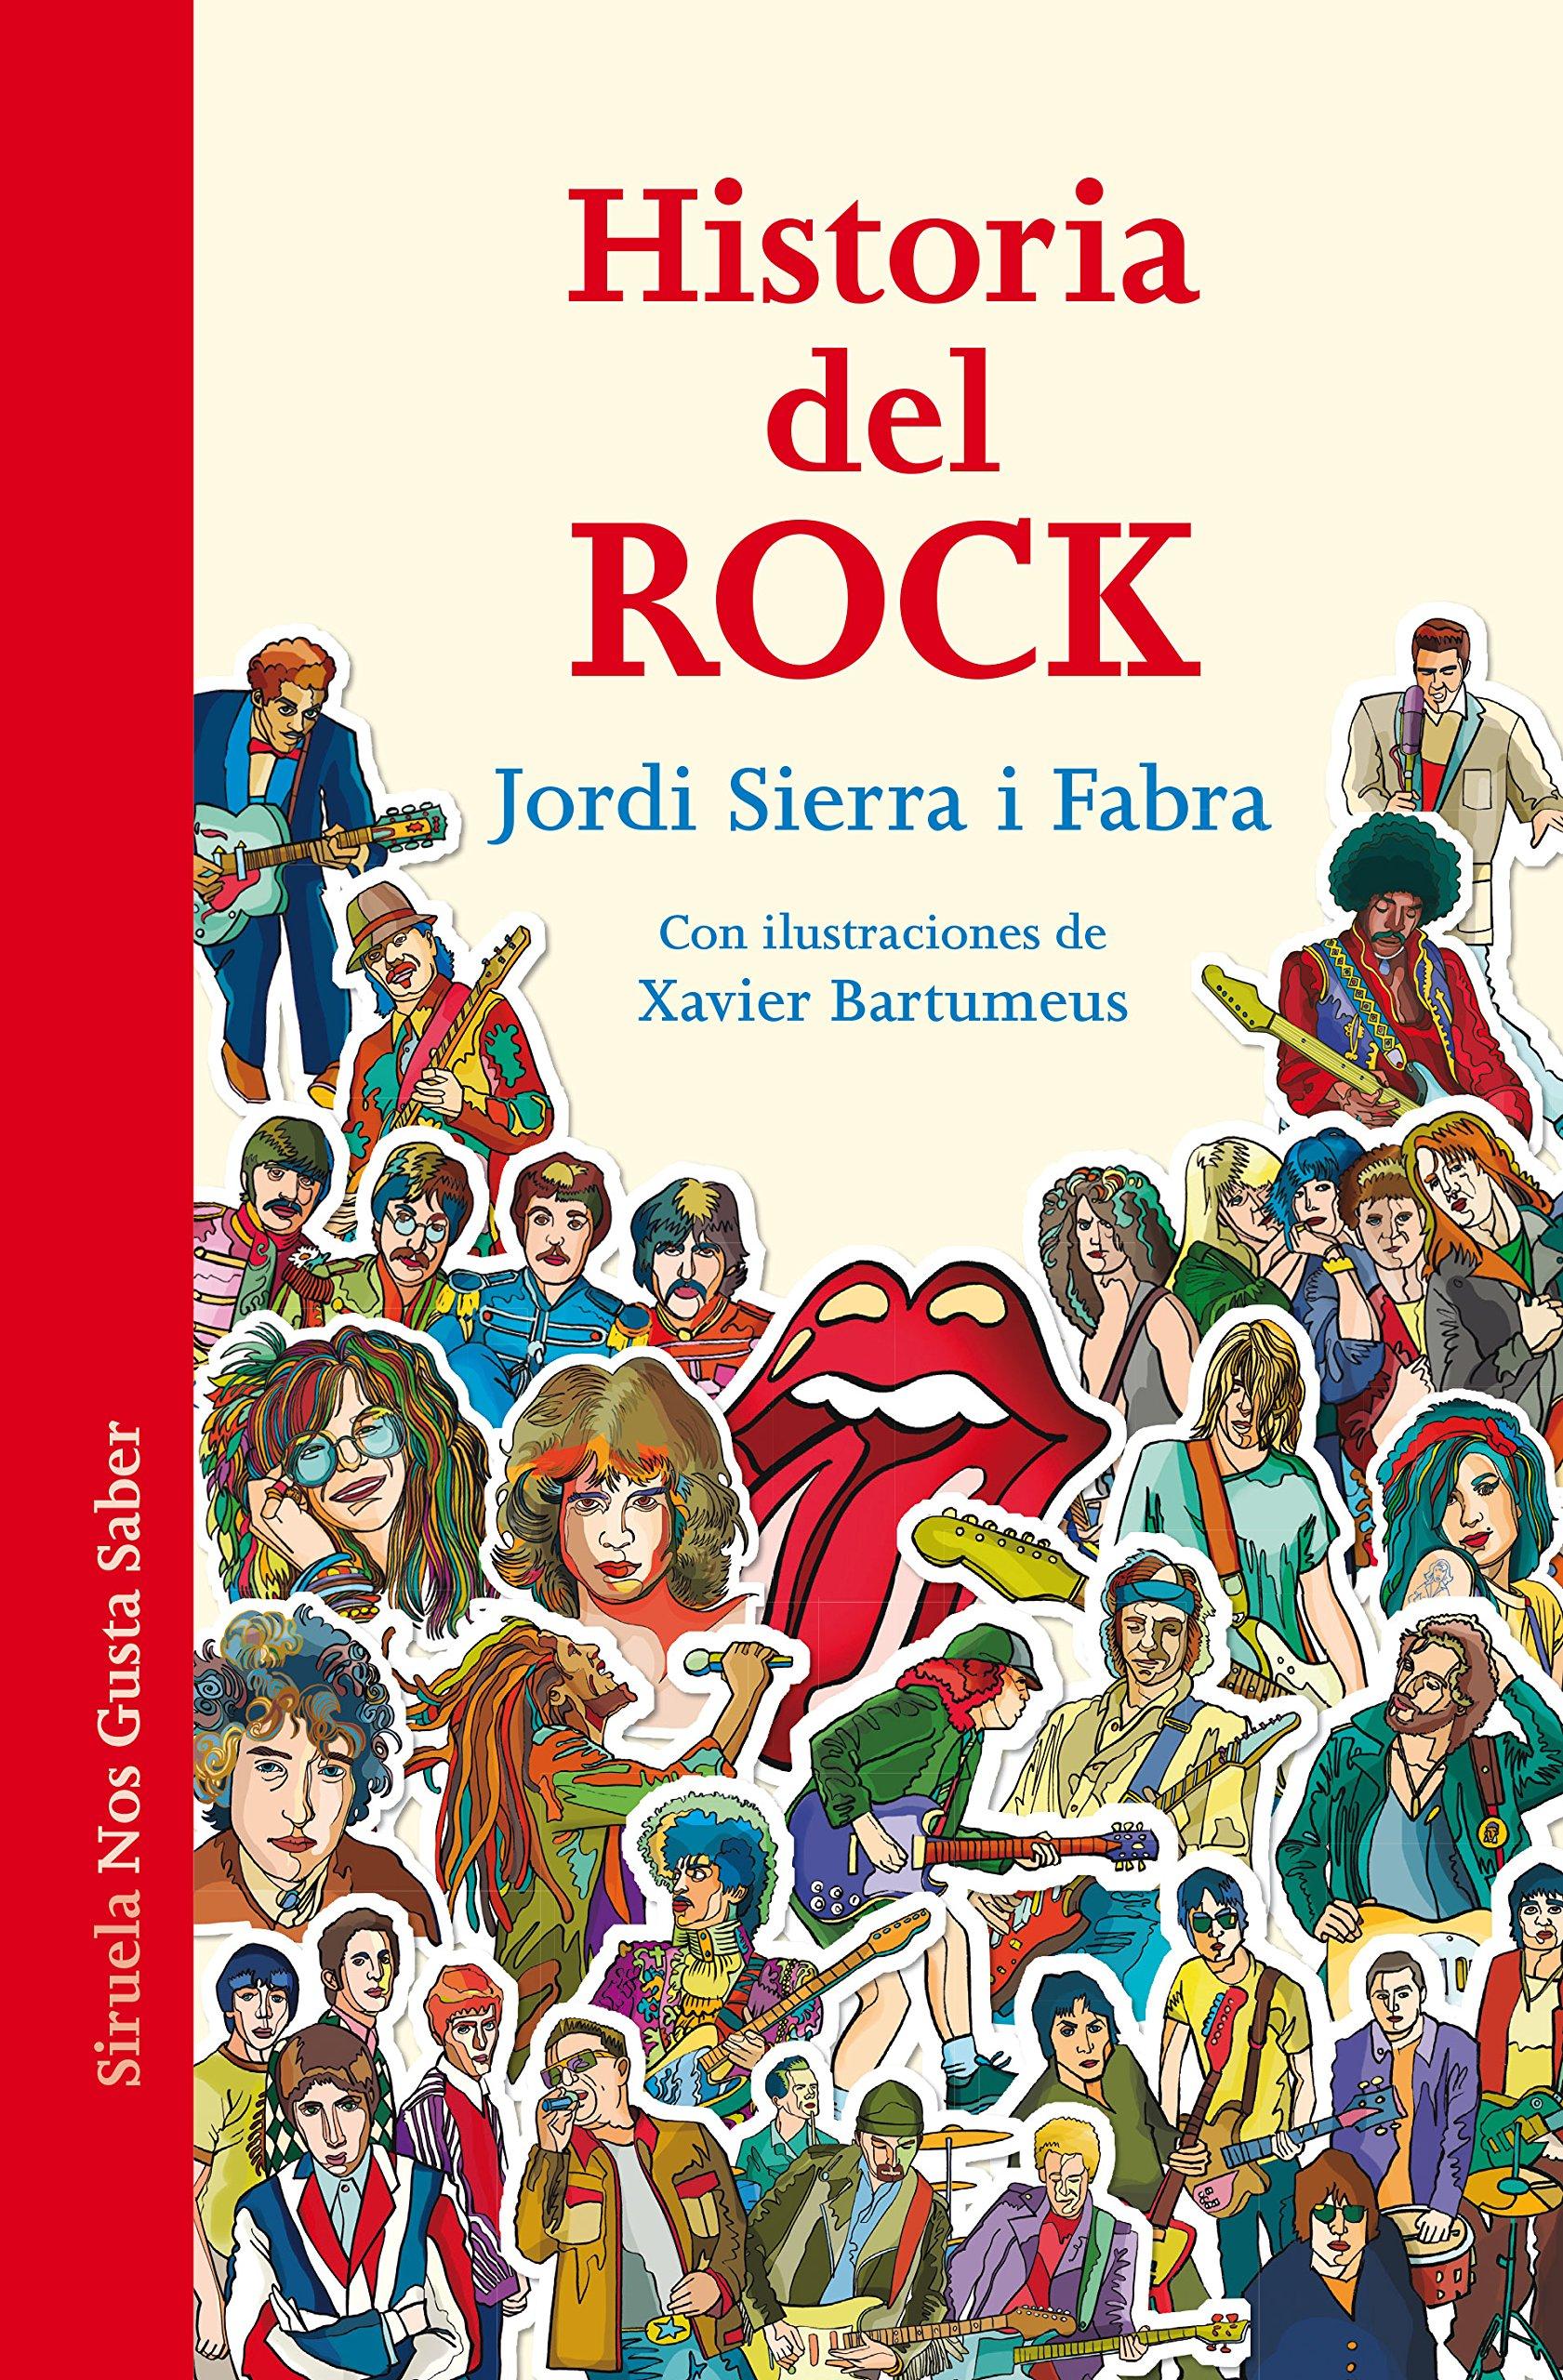 Historia del Rock: La música que cambió el mundo: 26 Las Tres Edades / Nos Gusta Saber: Amazon.es: Sierra i Fabra, Jordi, Bartomeus, Xavier: Libros